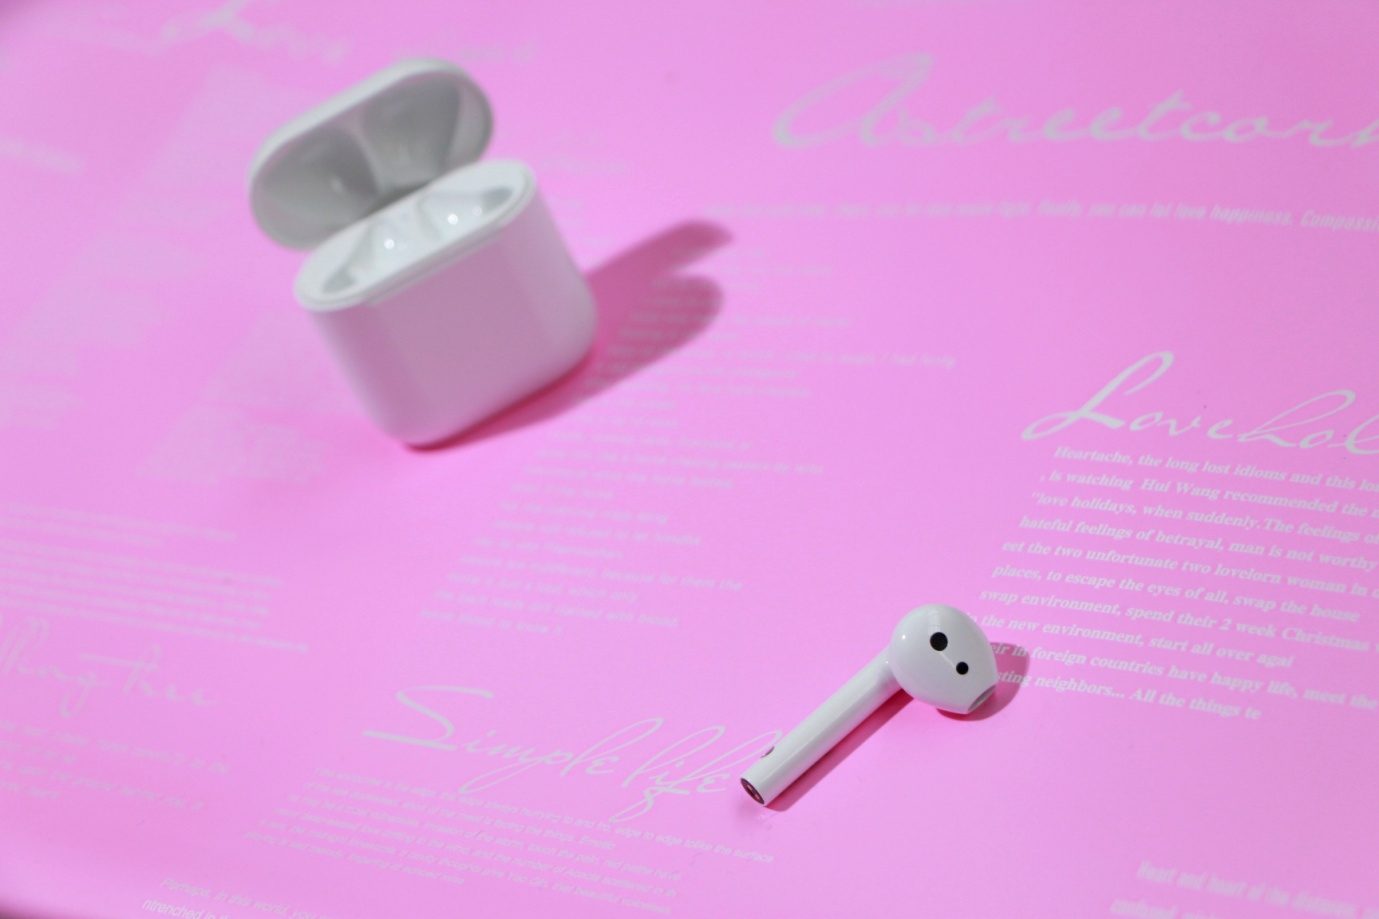 专属猪猪女孩的中秋节礼物——漫步者DreamPods蓝牙耳机